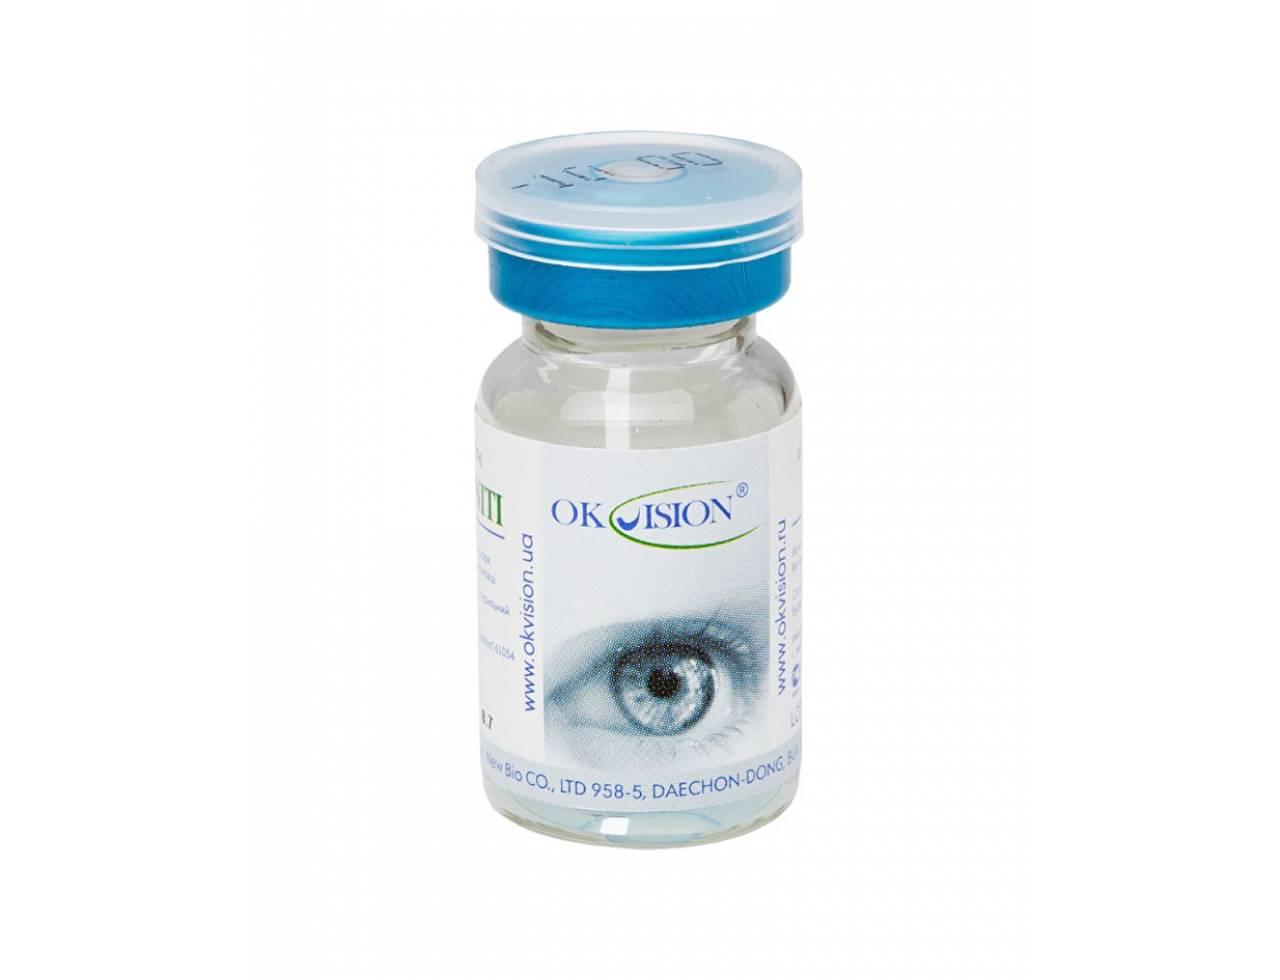 Традиционные контактные линзы OkVision Infiniti (плюсовые диоптрии) - Фото №7